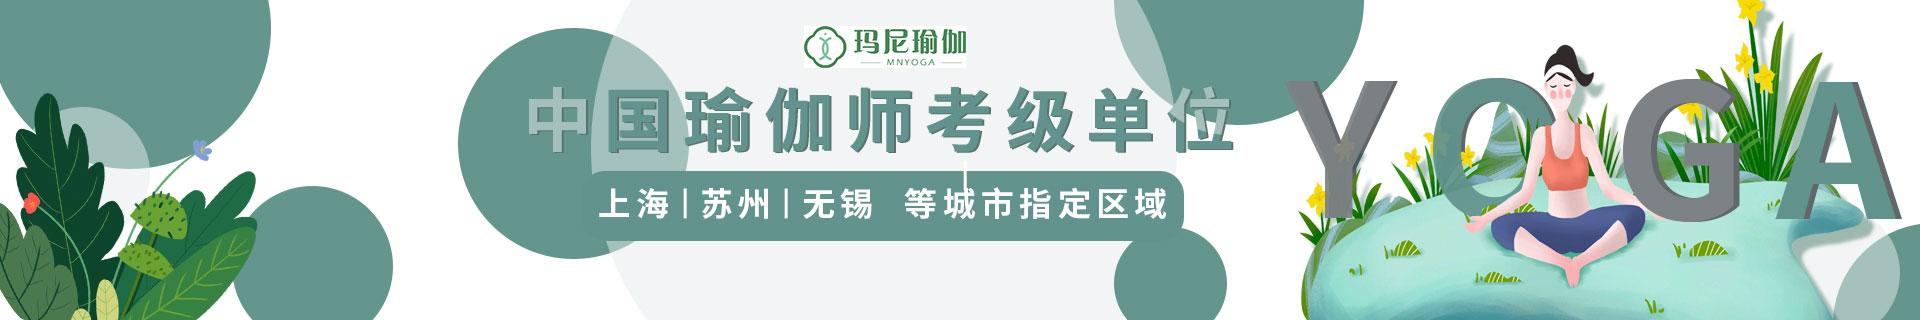 无锡新吴区玛尼瑜伽培训